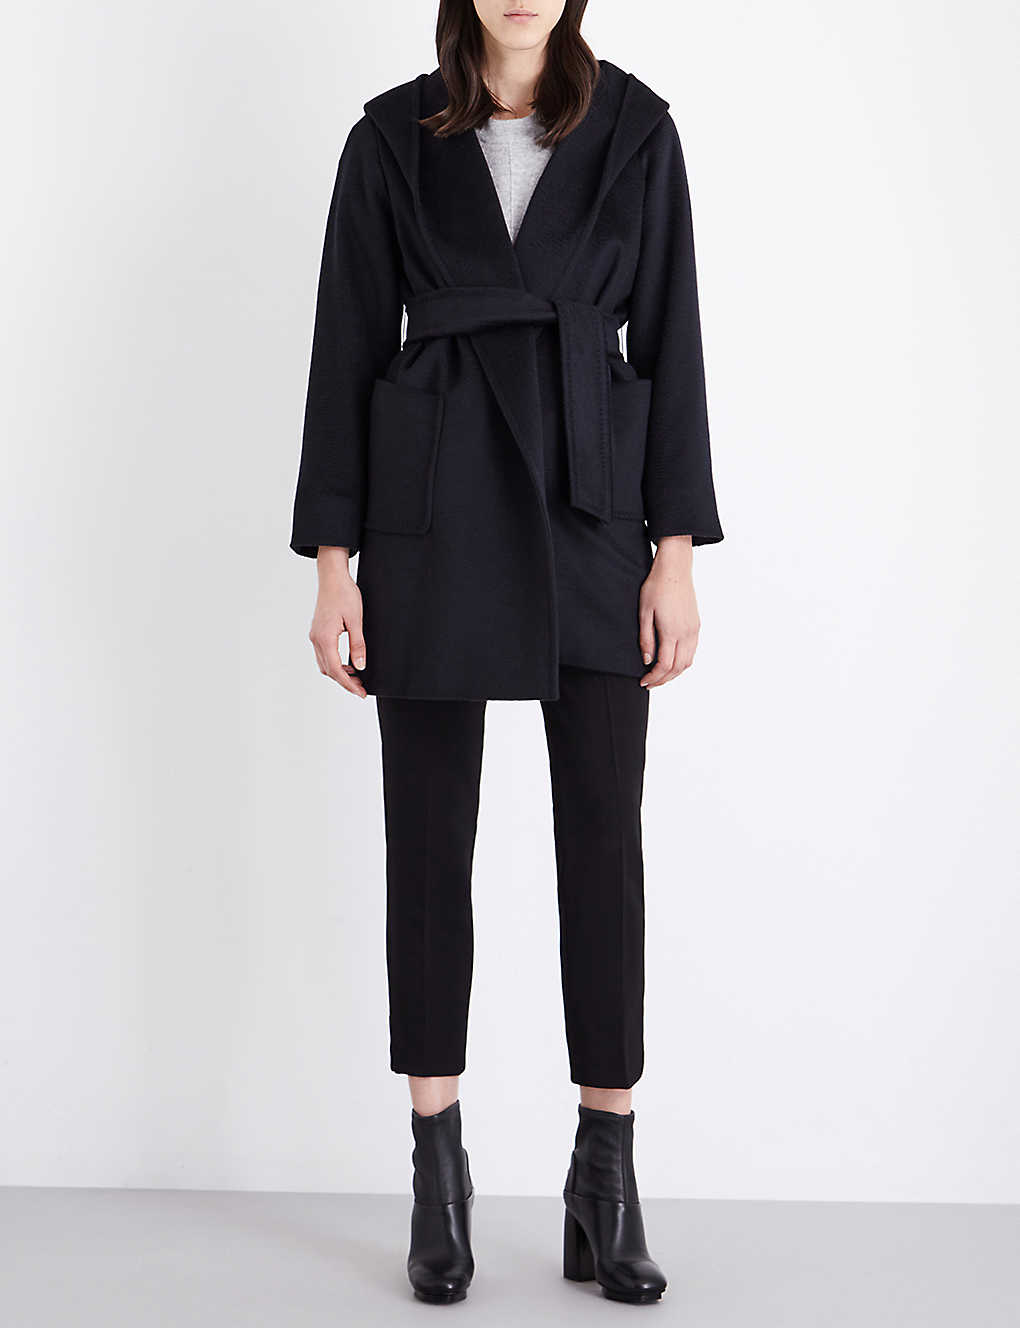 Short coats - Coats - Coats & jackets - Clothing - Womens ...